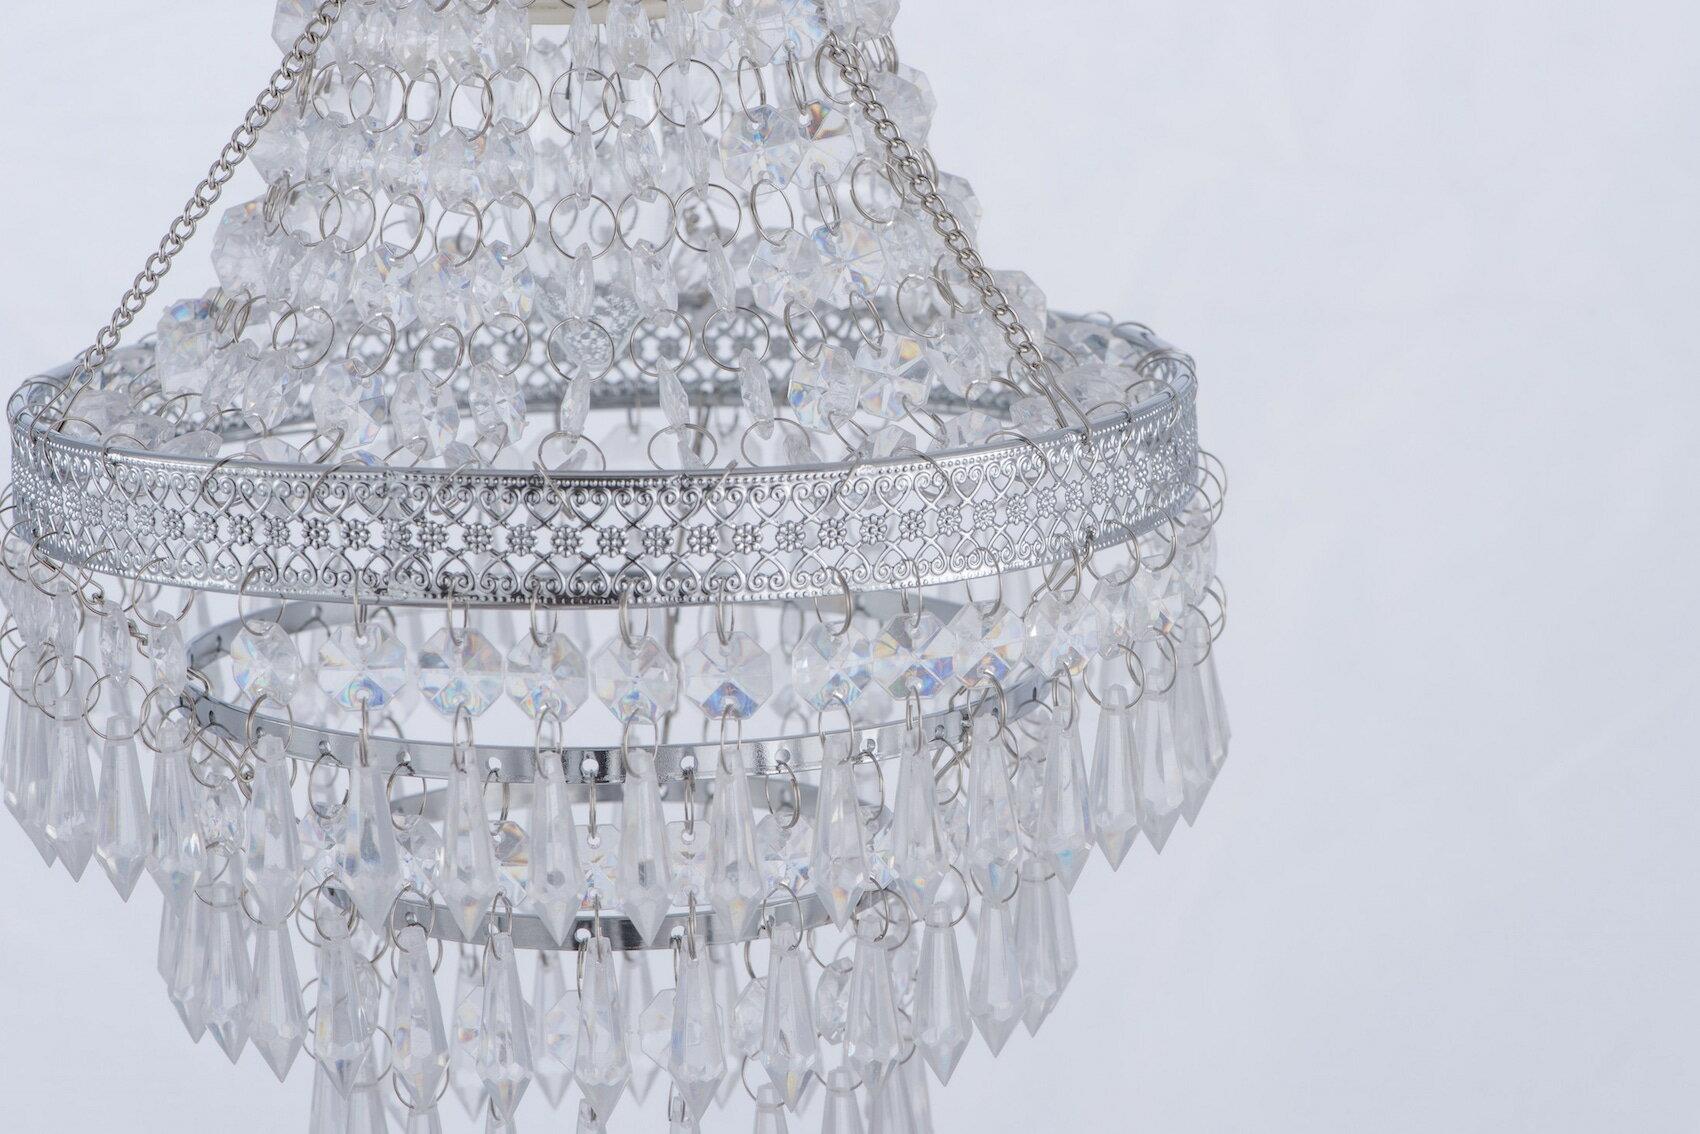 鍍鉻色華麗透明壓克力珠吊燈-BNL00022 2